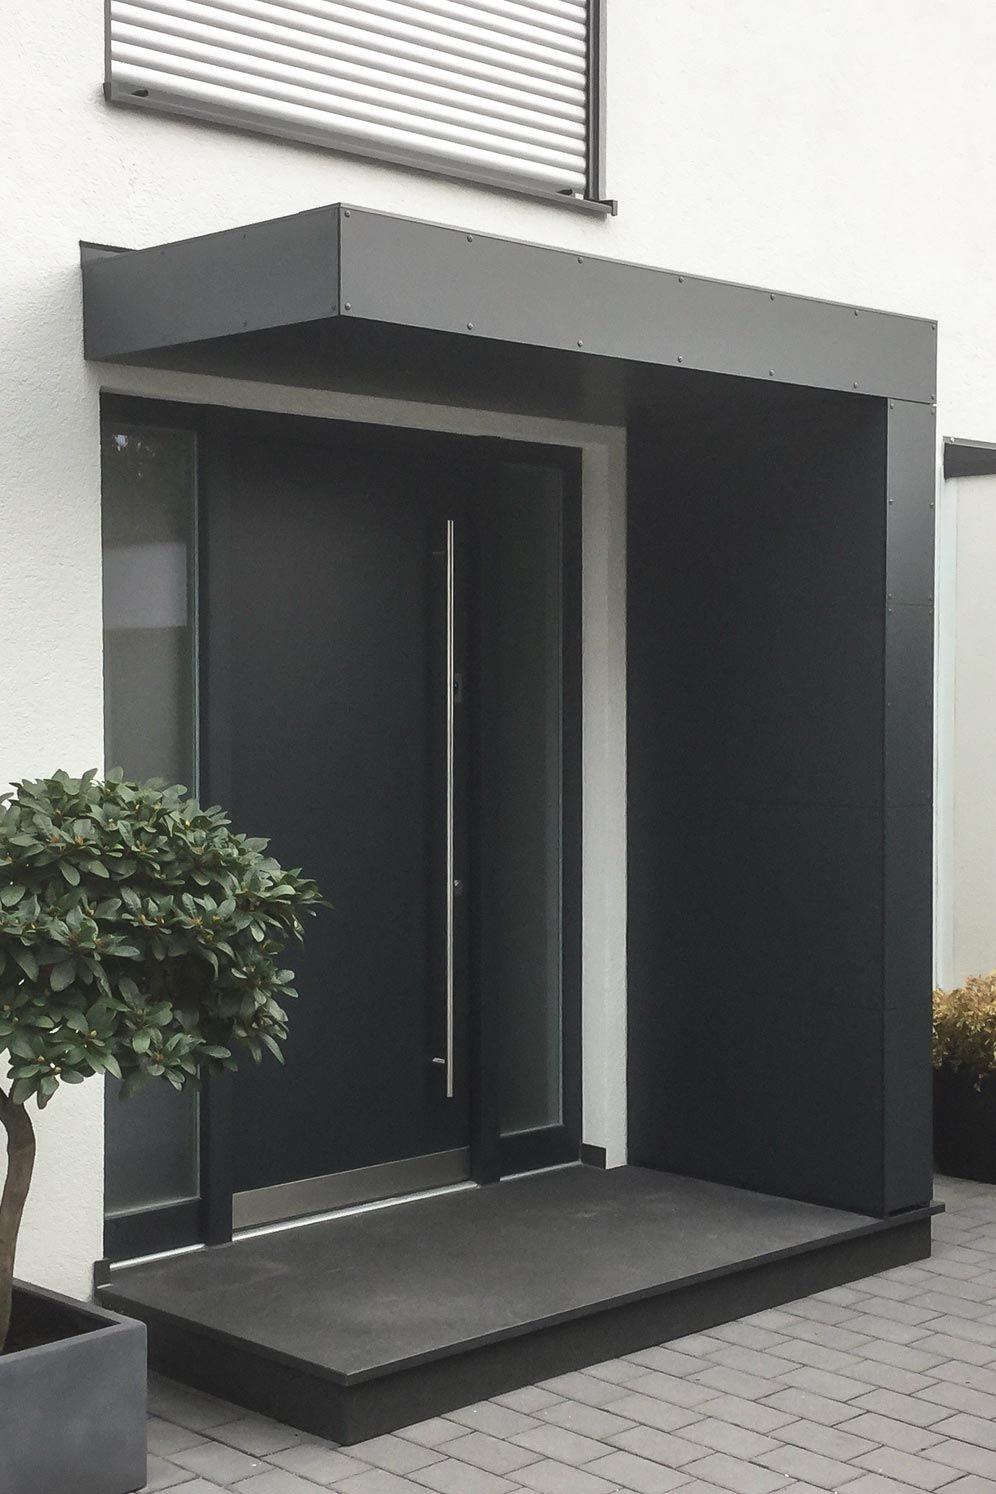 Eingangsüberdachung / Vordach für Haustüren von Siebau in L-Form. Verkleidet mit Fassadenplatten #Überdachungterrasse